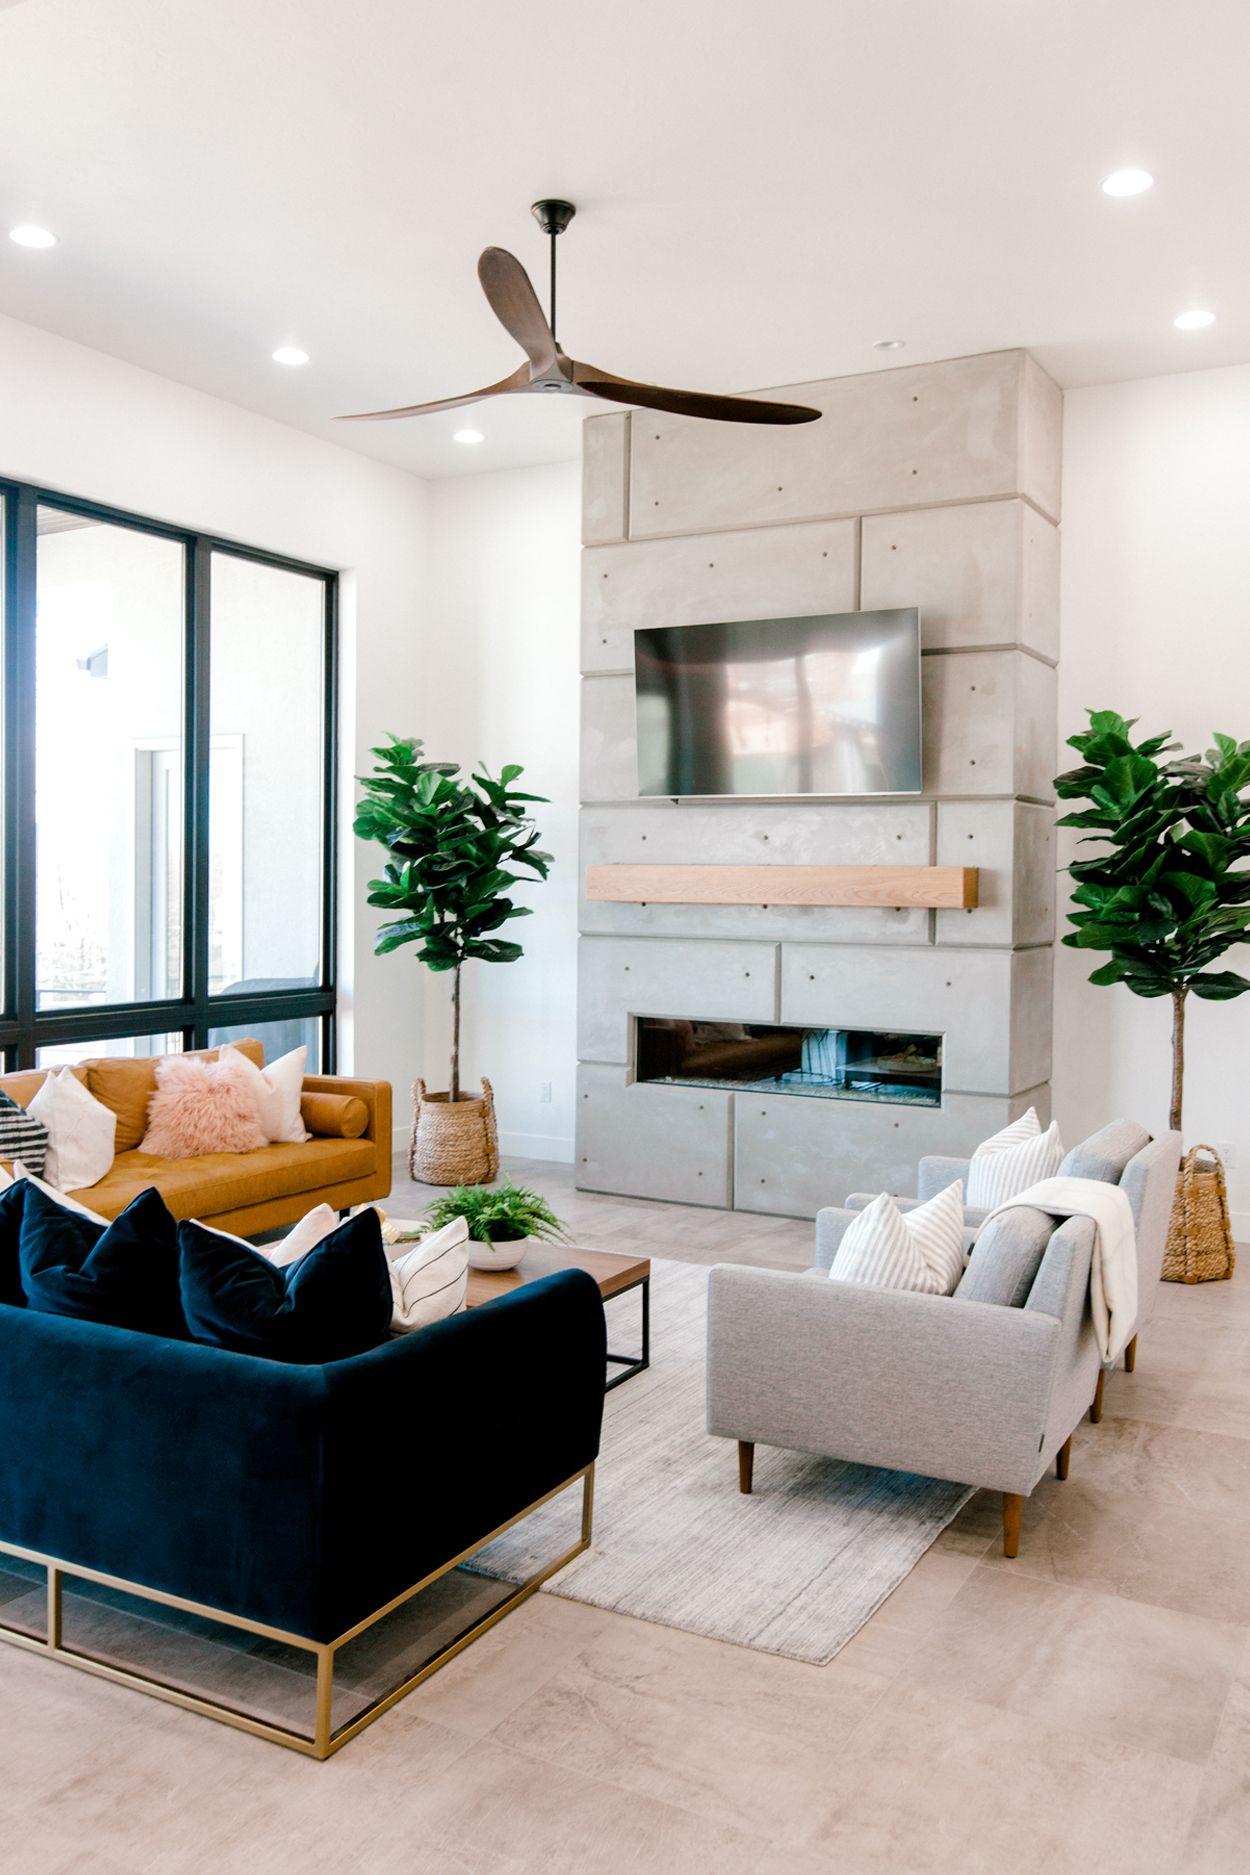 Blue Velvet Sofa - Upholstered | Article Kits Modern Furniture ...